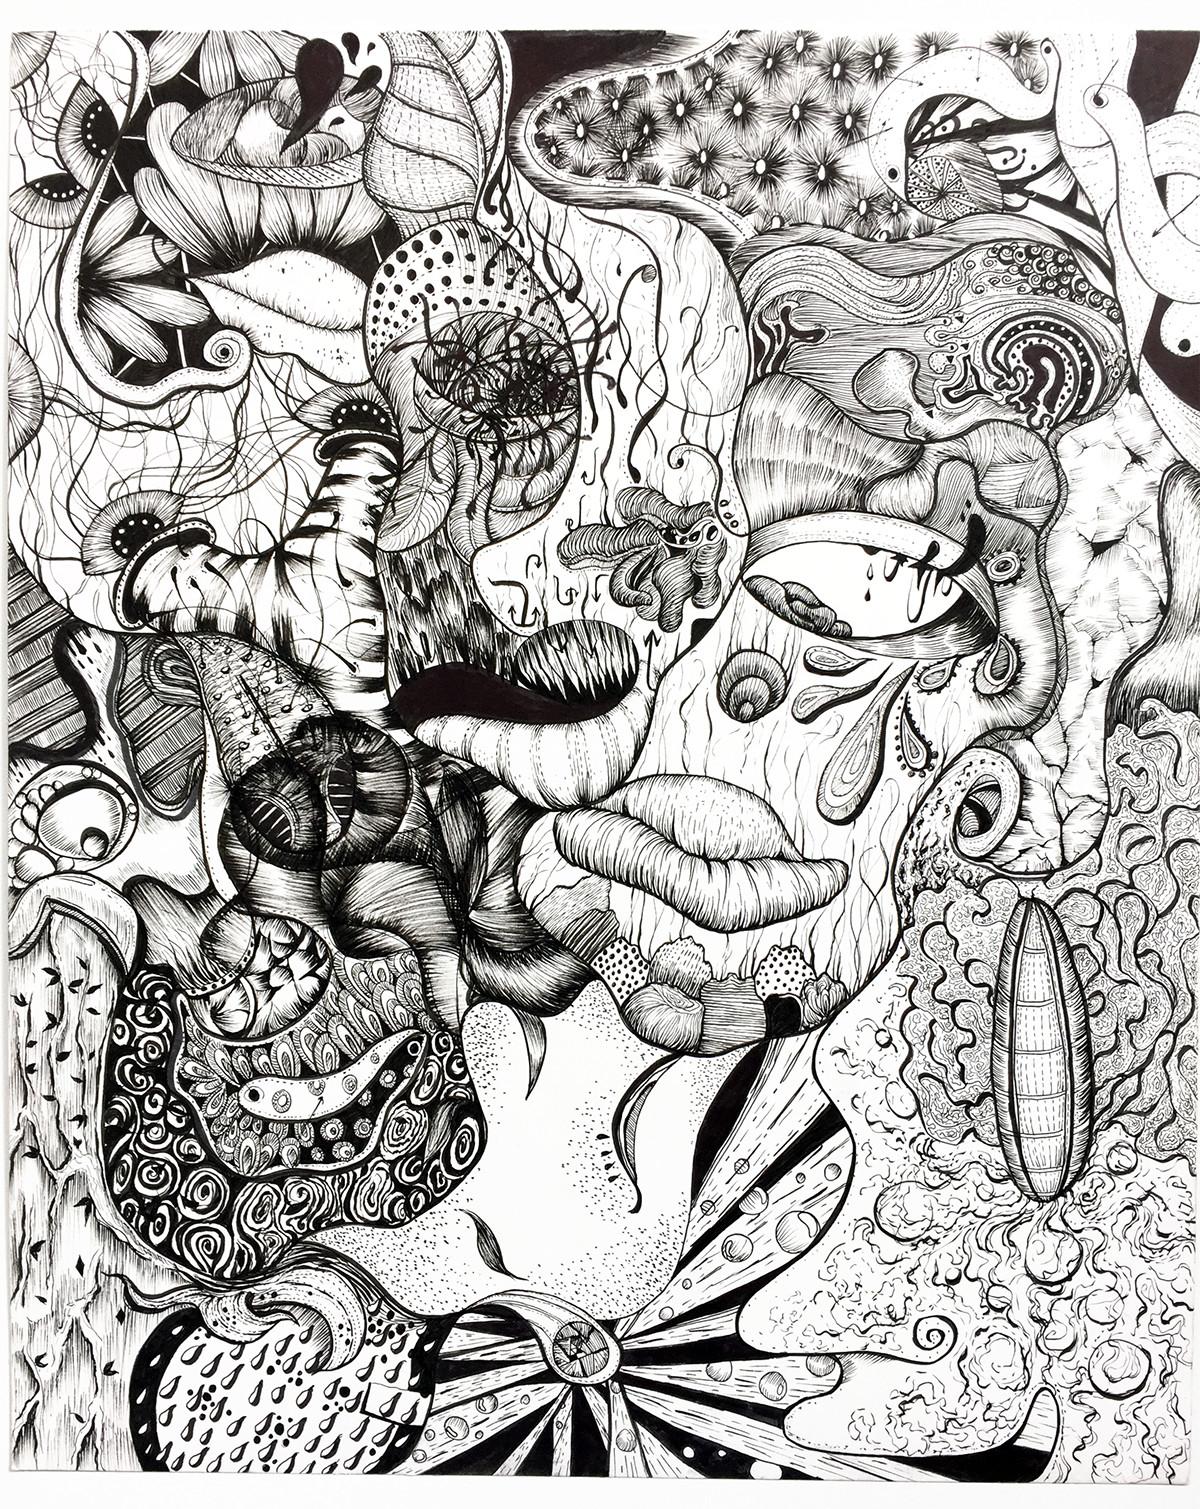 psykhoscope.jpg